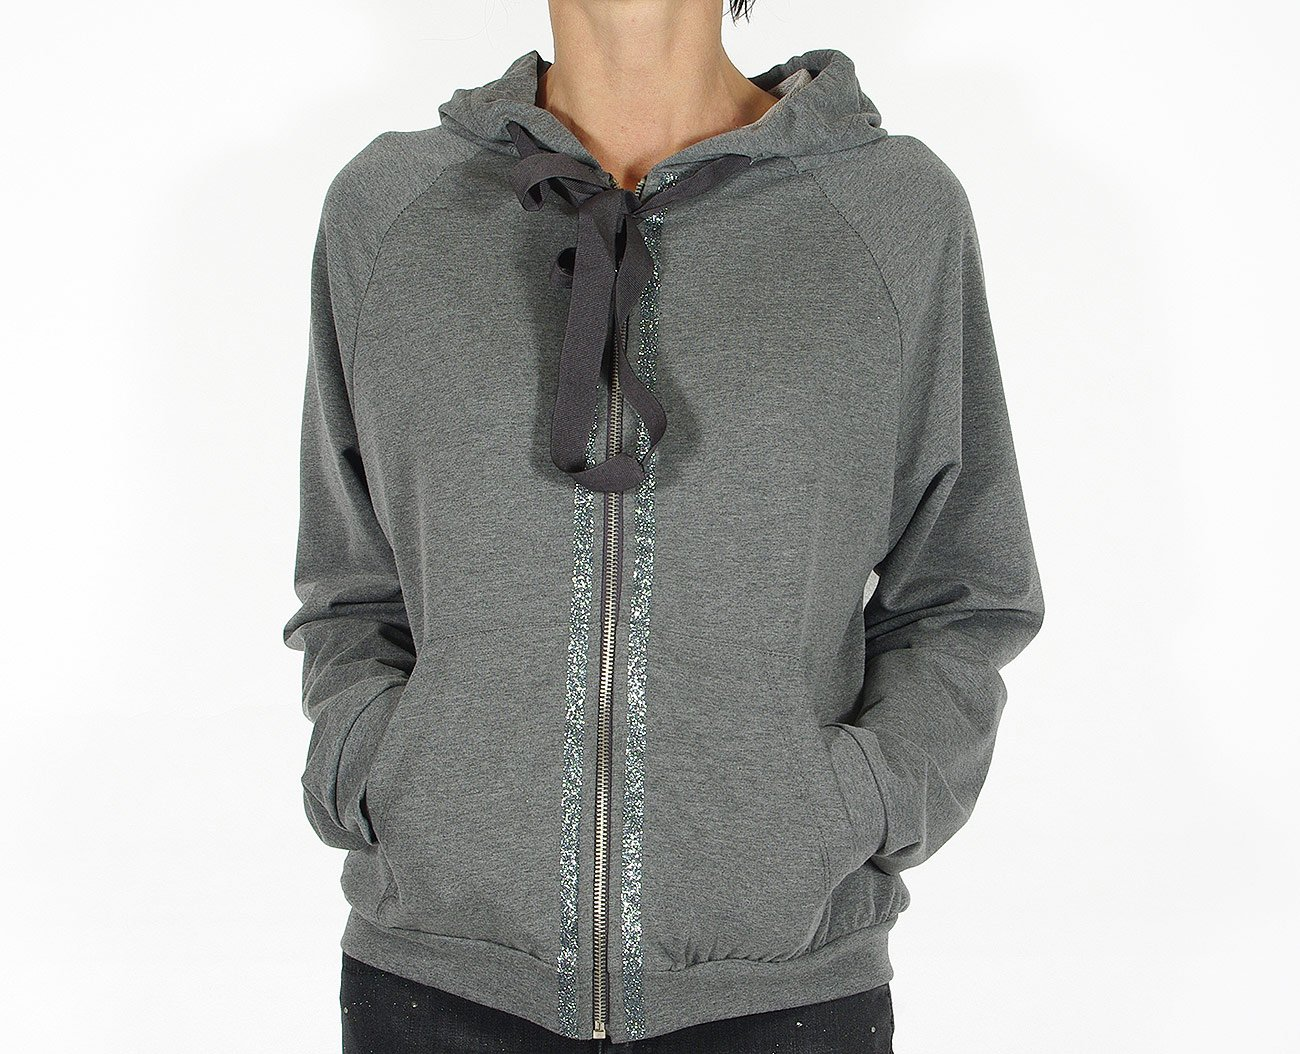 Rinascimento 88151 bluza felpa sweatshirt grigio